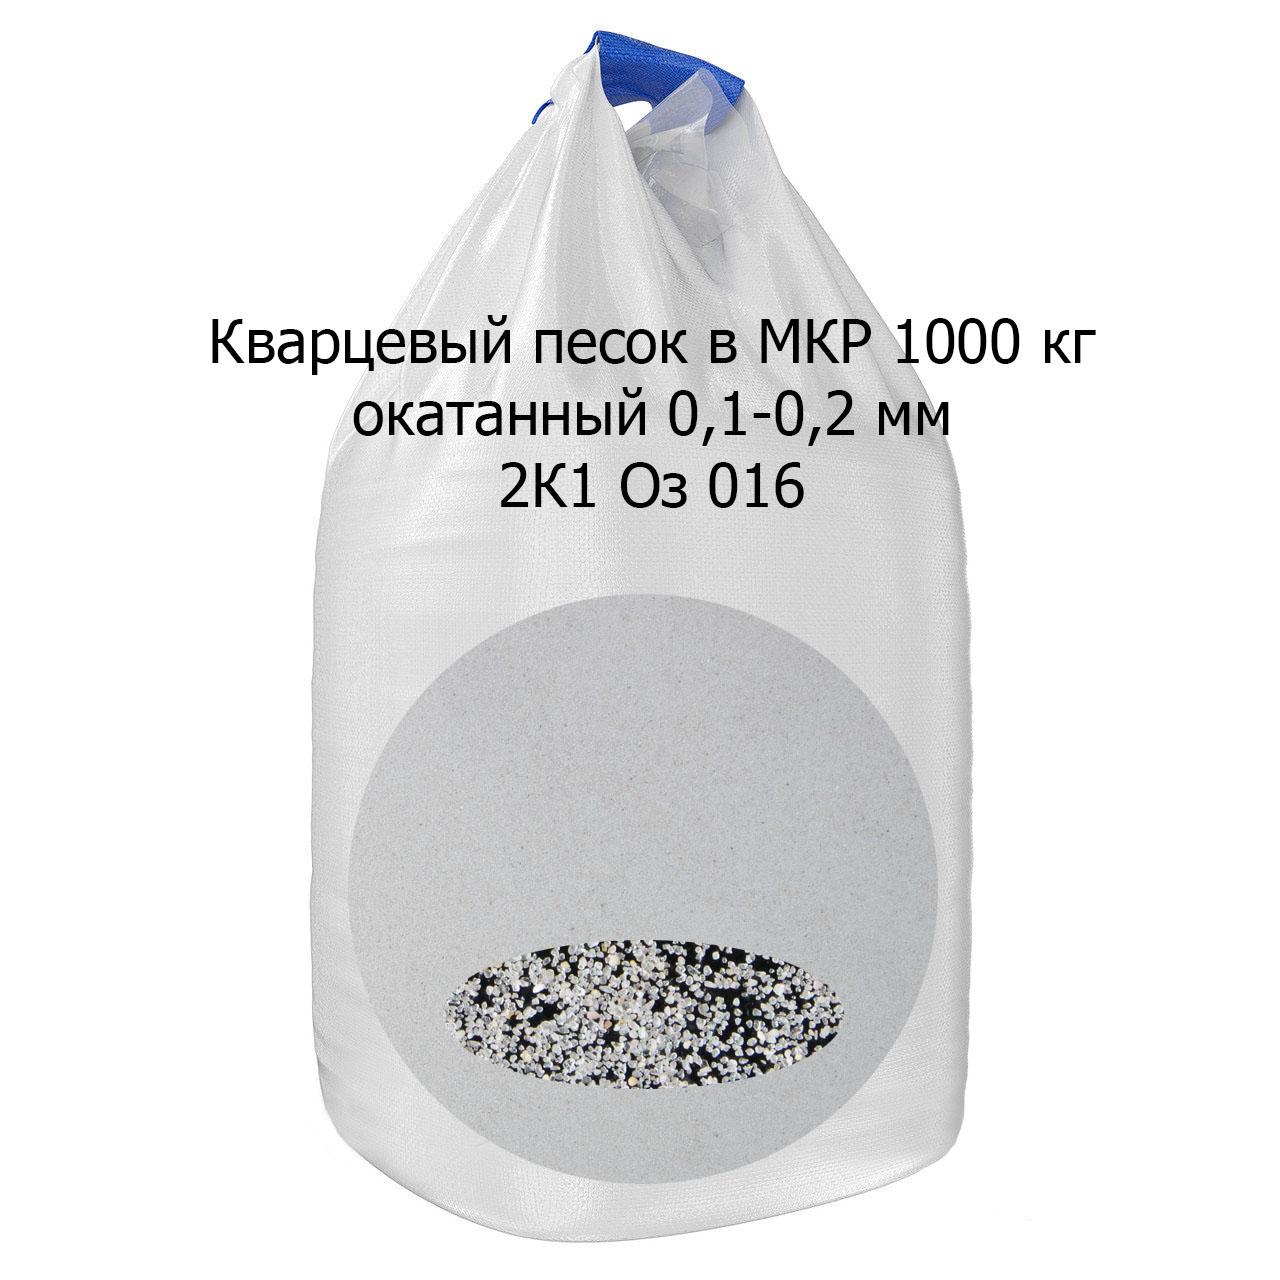 Песок кварцевый 0,1-0,2 мм в МКР (биг-бэг) 2К1О3016